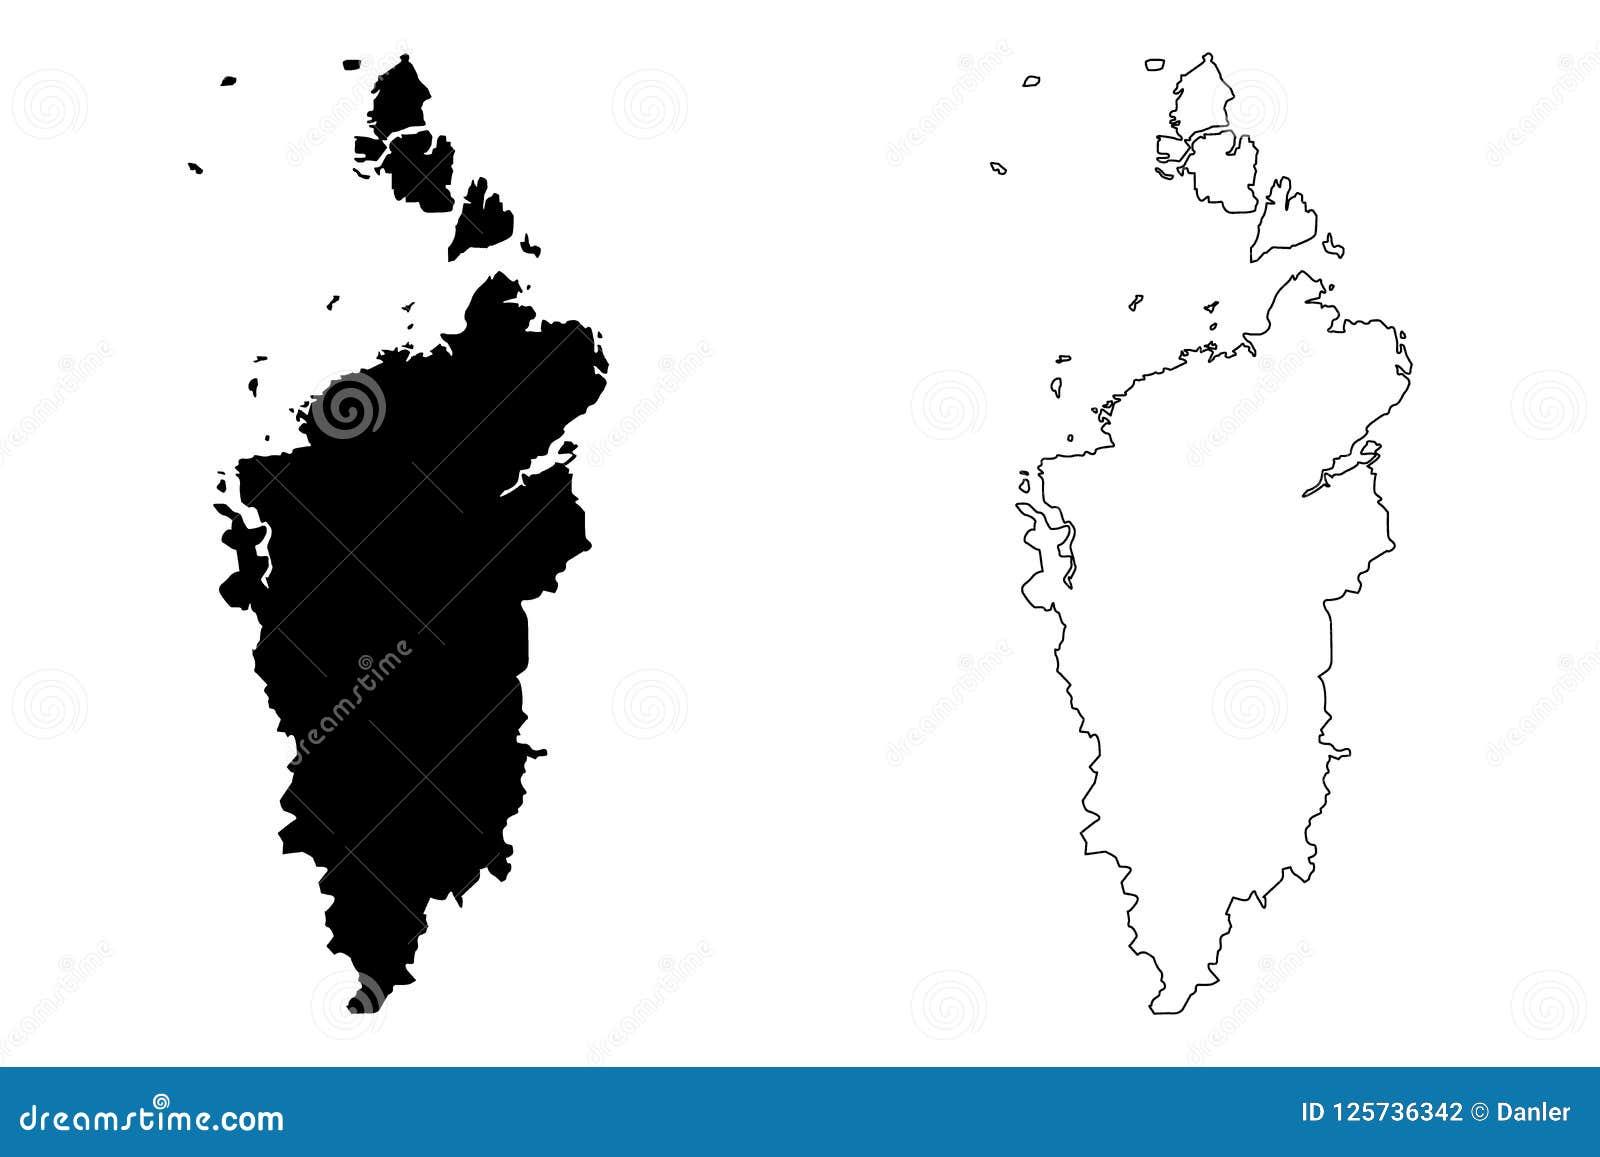 Krasnoyarsk Krai map vector